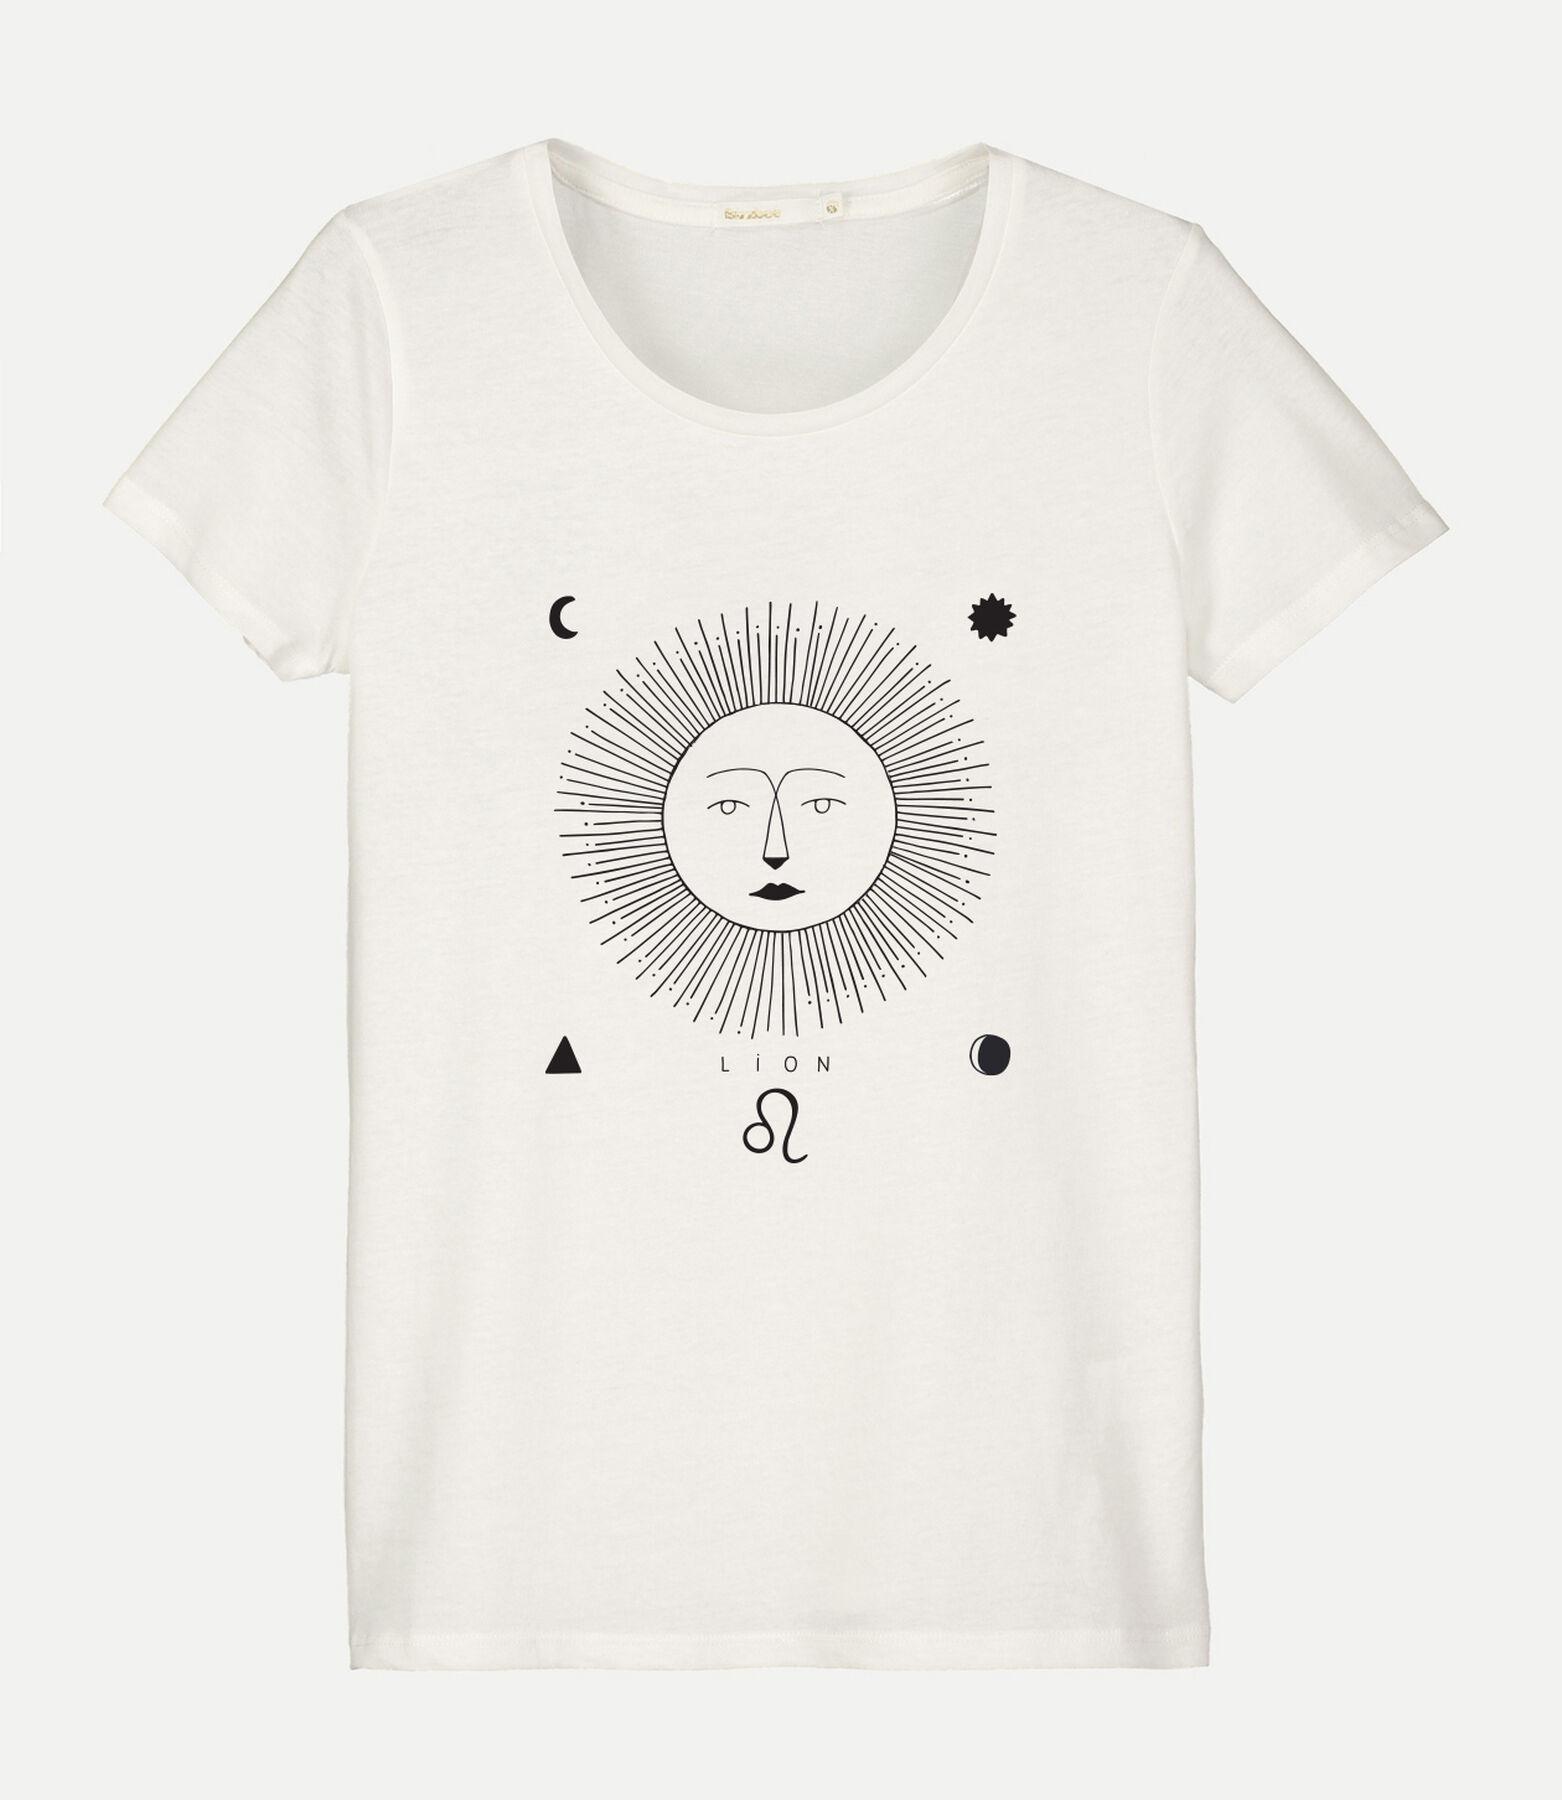 T-shirt Astro Lion